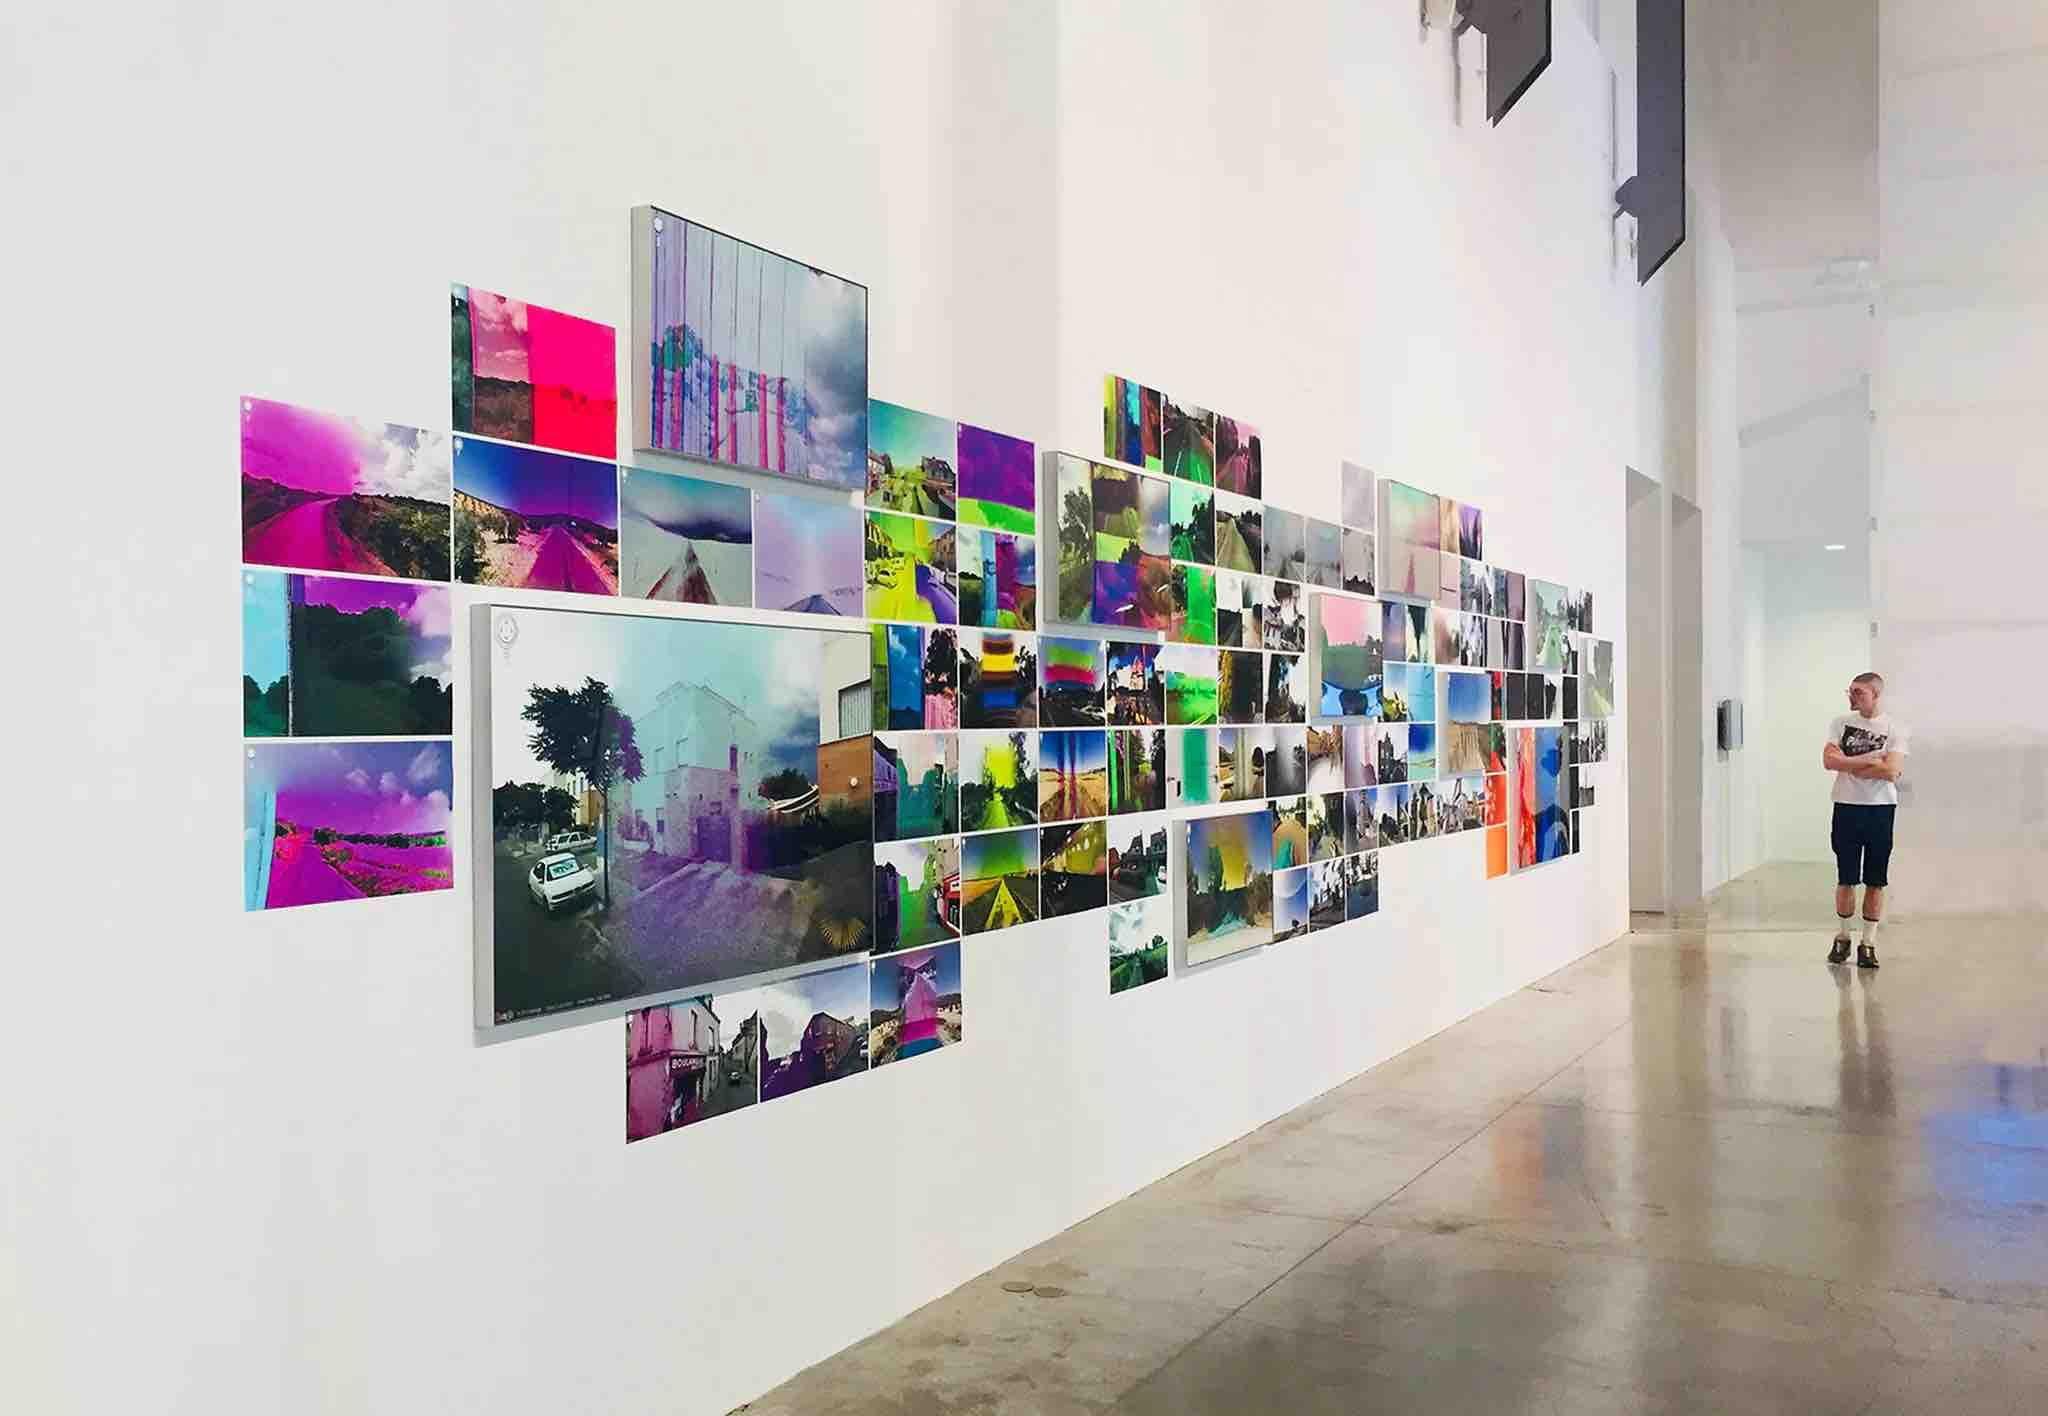 metafotografia. oltre il medium, artisti, curatori, progetto